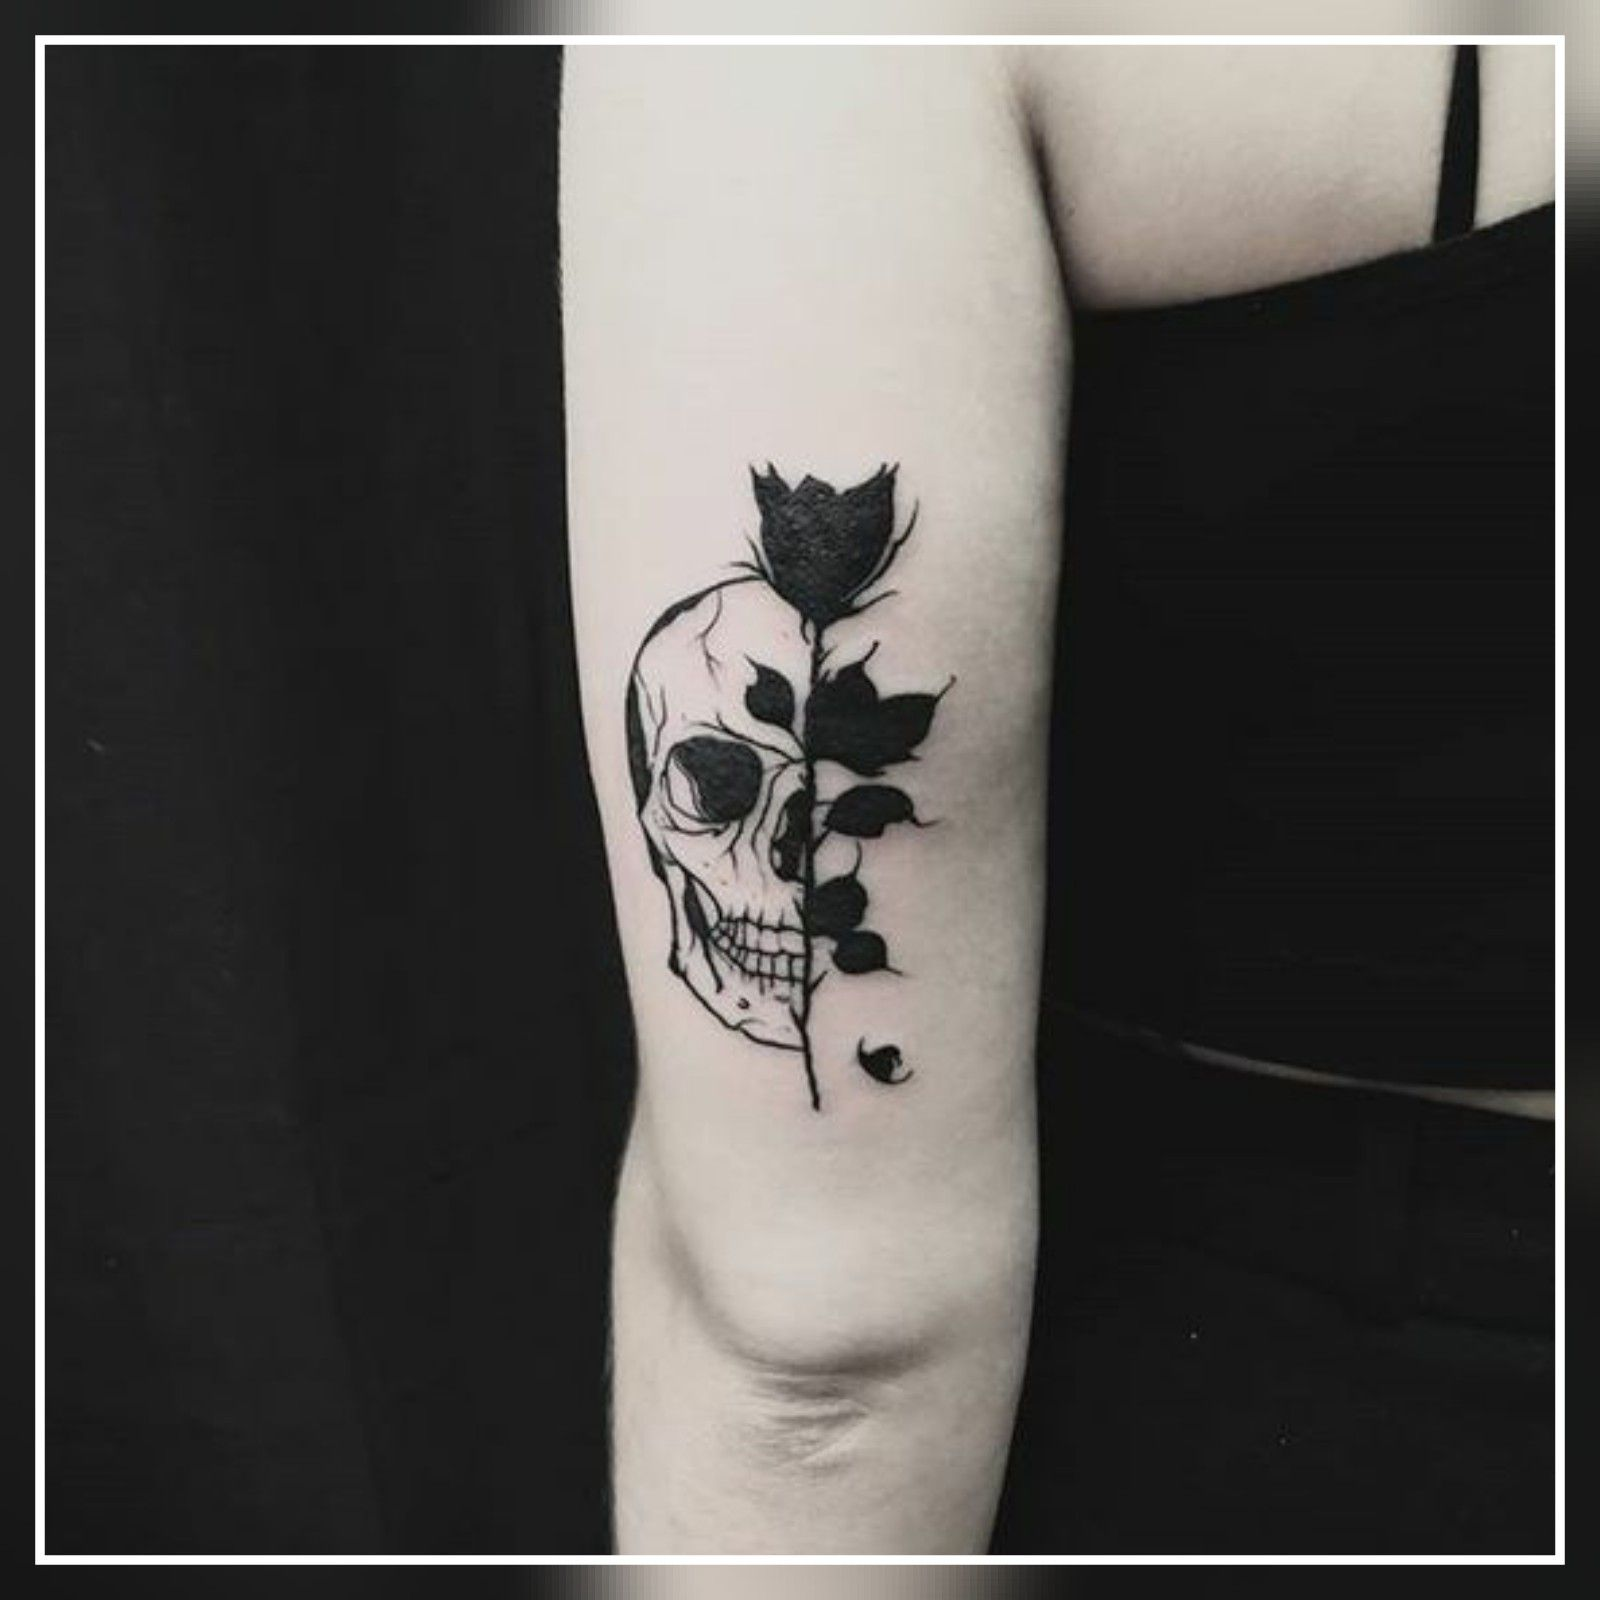 45 Small Black Rose Tattoo Ideas Inspiration Tattoos Guzel Dovmeler Kucuk Dovmeler